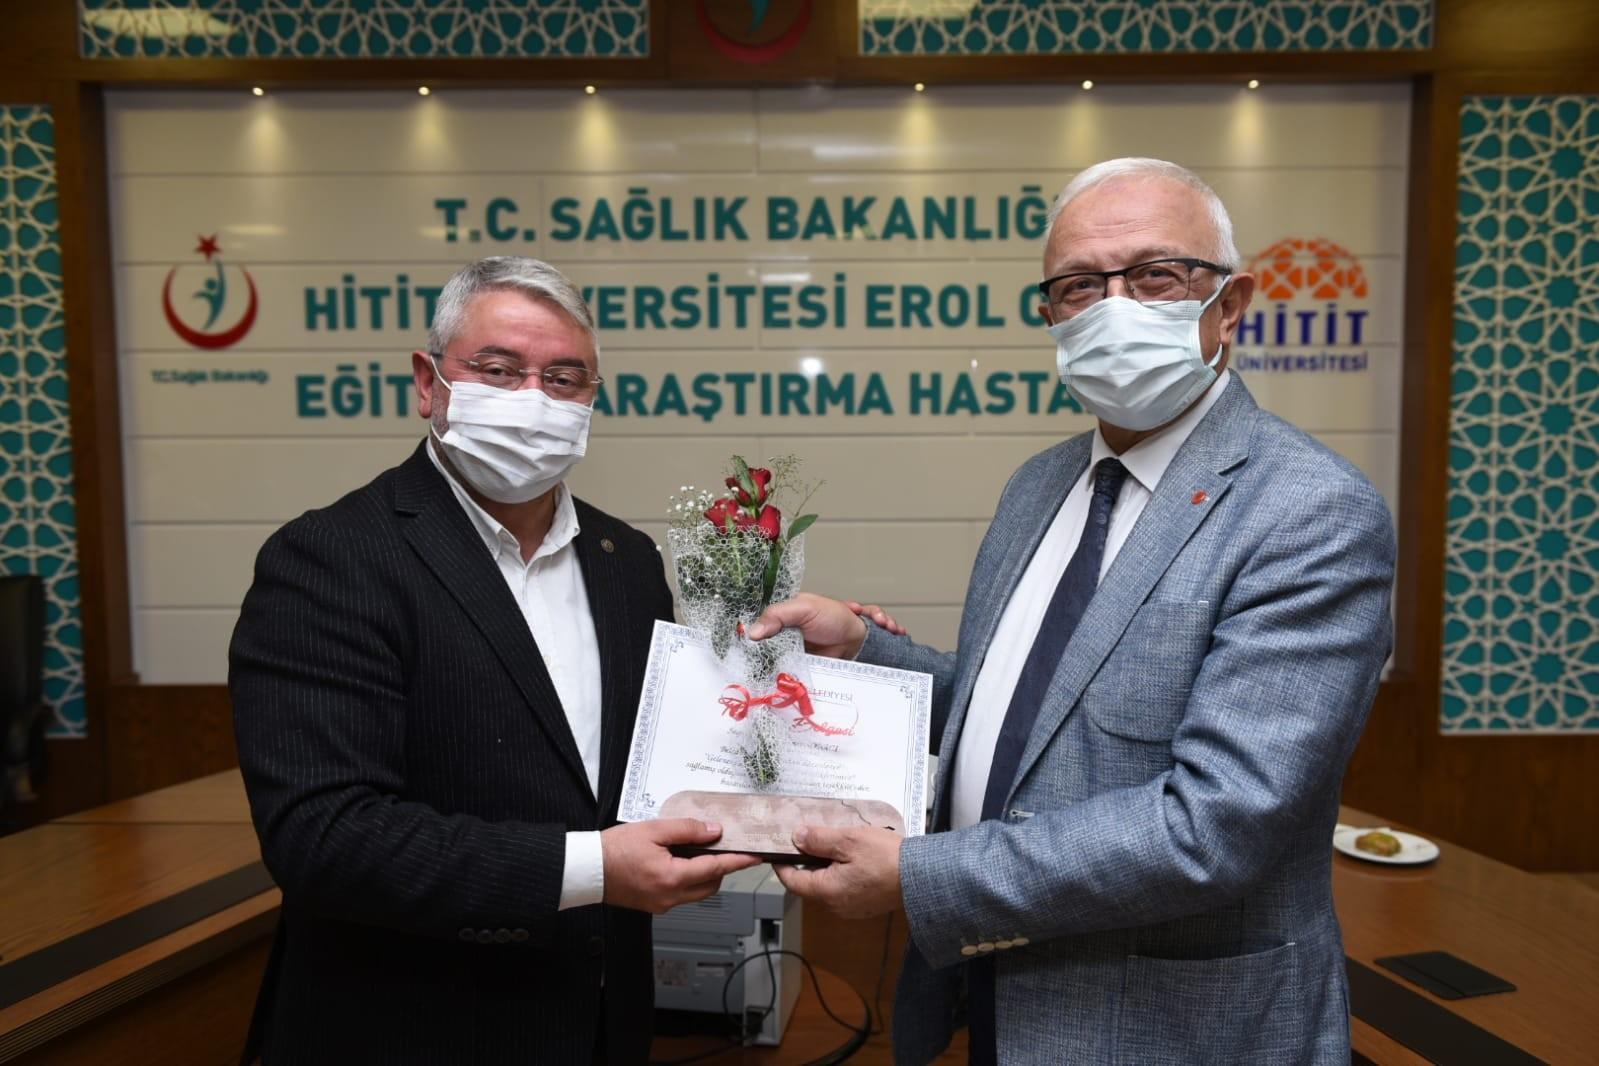 Başkan Aşgın'dan sağlık çalışanlarına teşekkür #corum